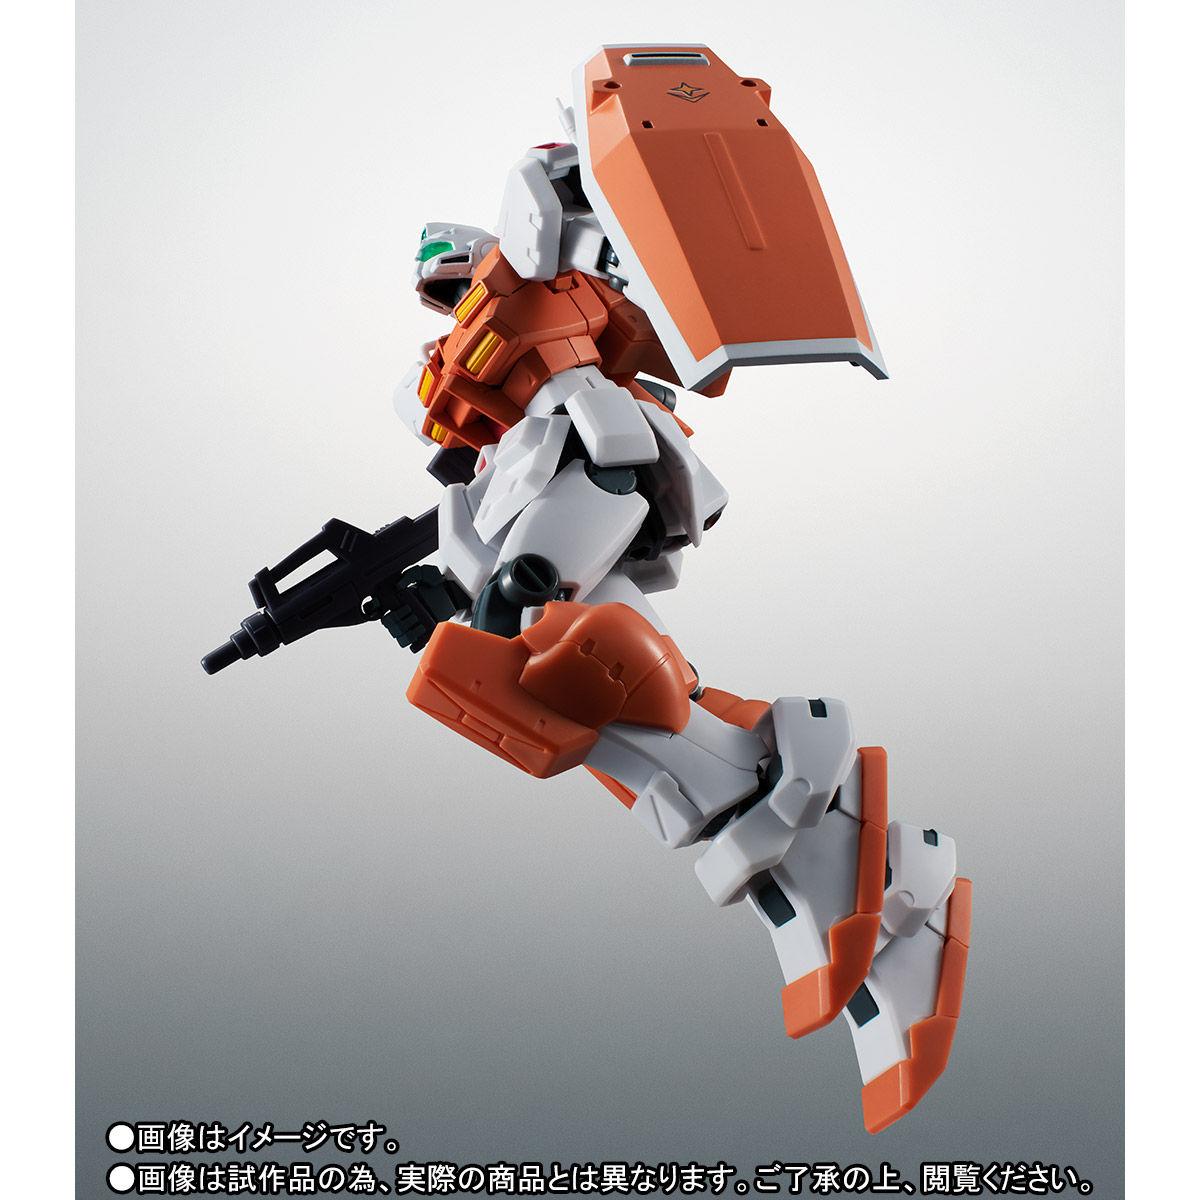 【限定販売】ROBOT魂〈SIDE MS〉『RGM-79 パワード・ジム ver. A.N.I.M.E.』ガンダム0083 可動フィギュア-006